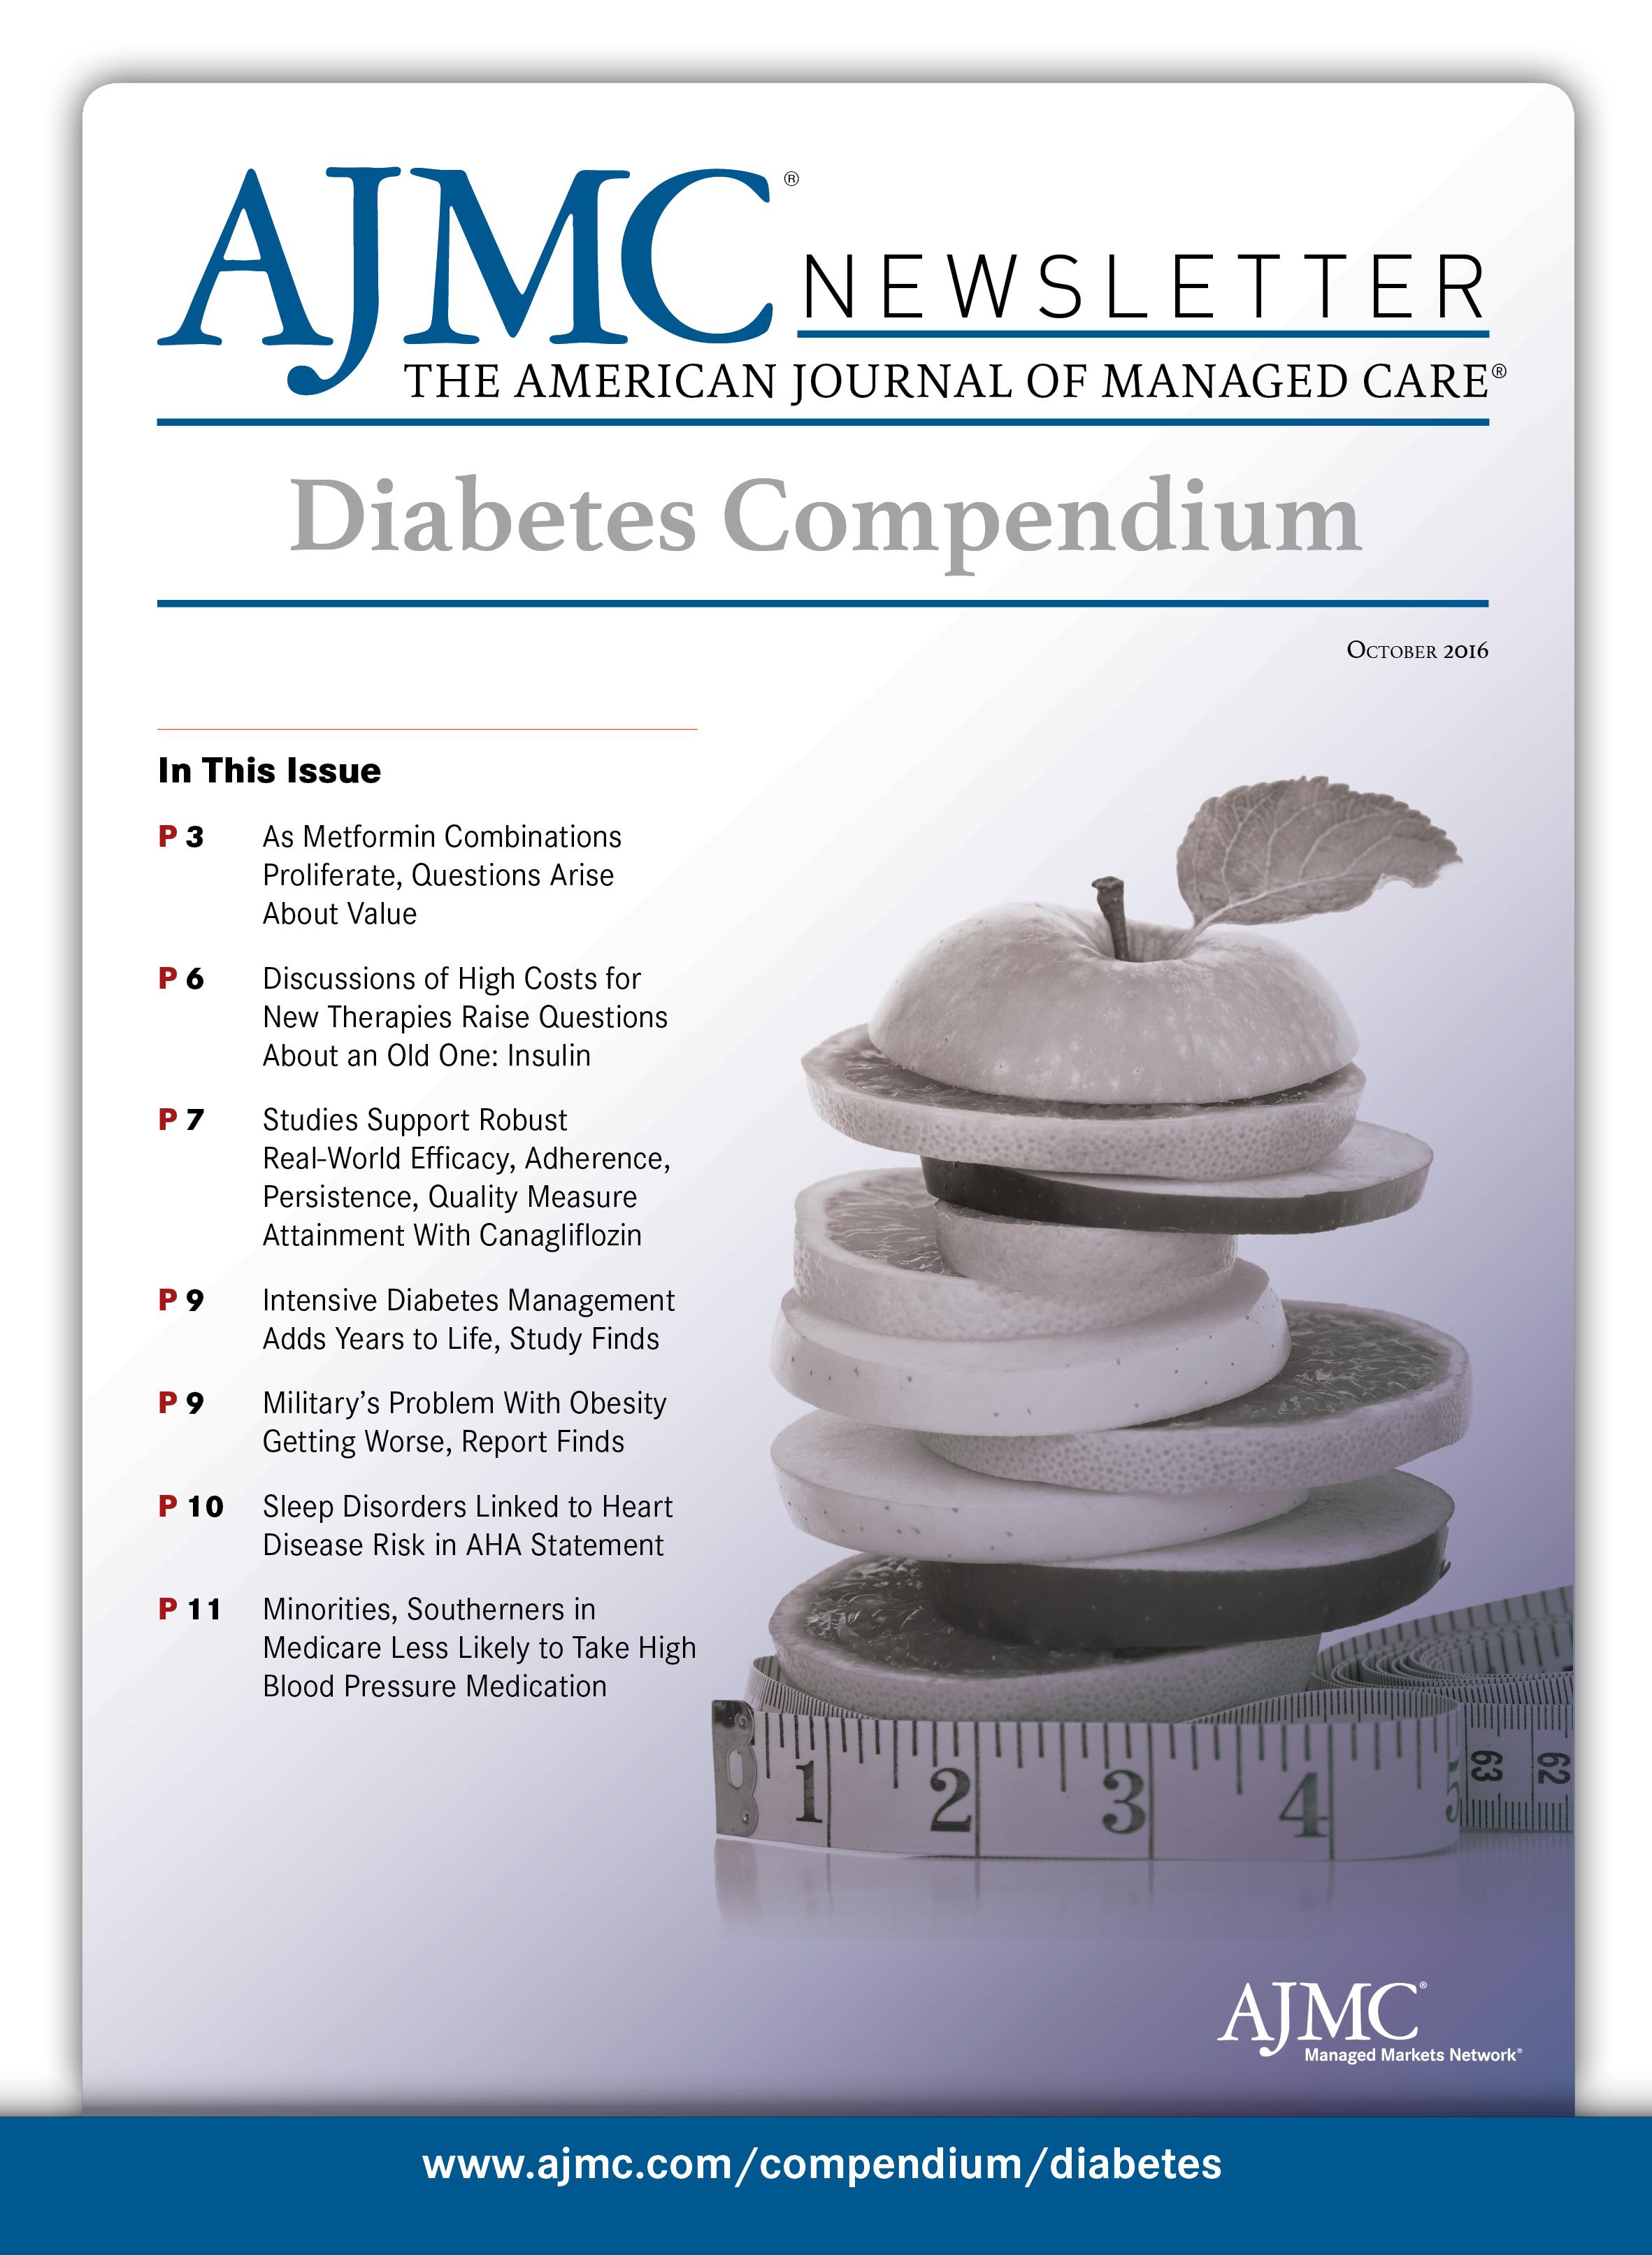 Diabetes Compendium: Issue 2